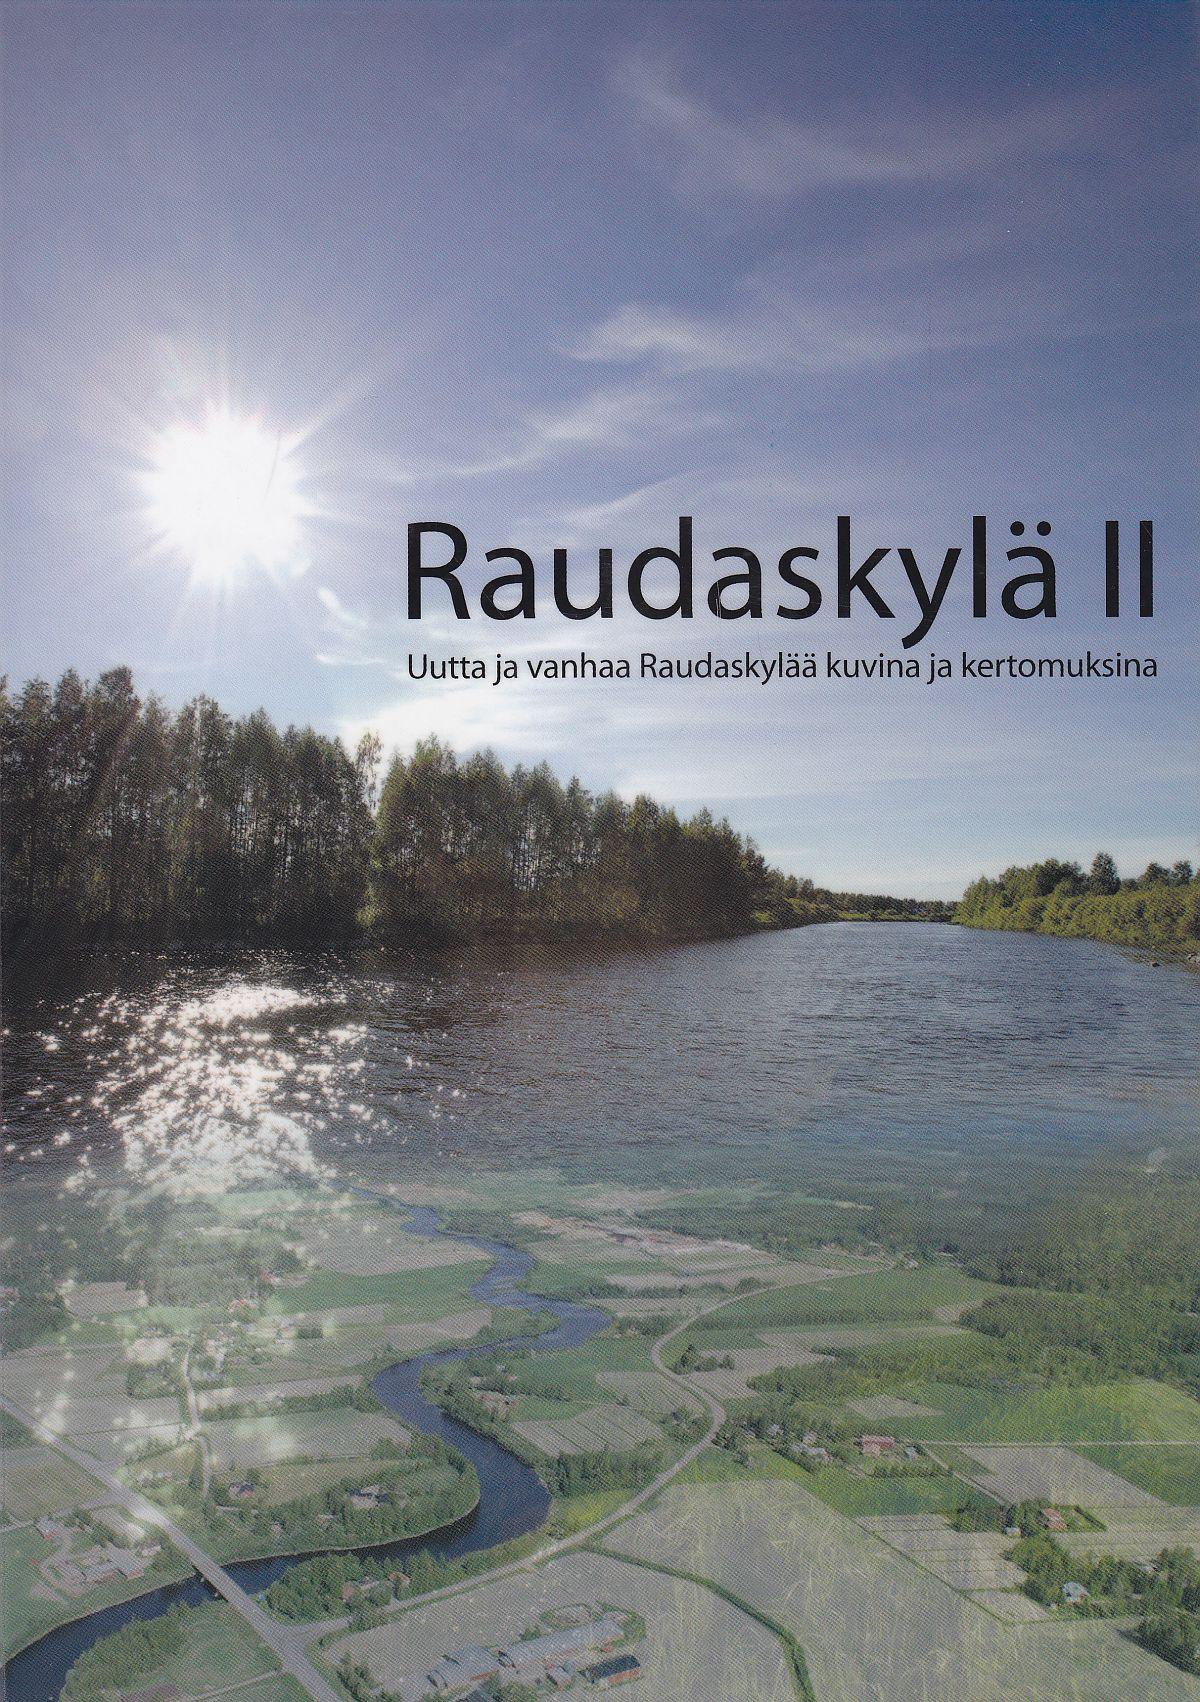 Raudakylä II: Uutta ja vanhaa Raudaskylää kuvina ja kertomuksina, kansikuva.